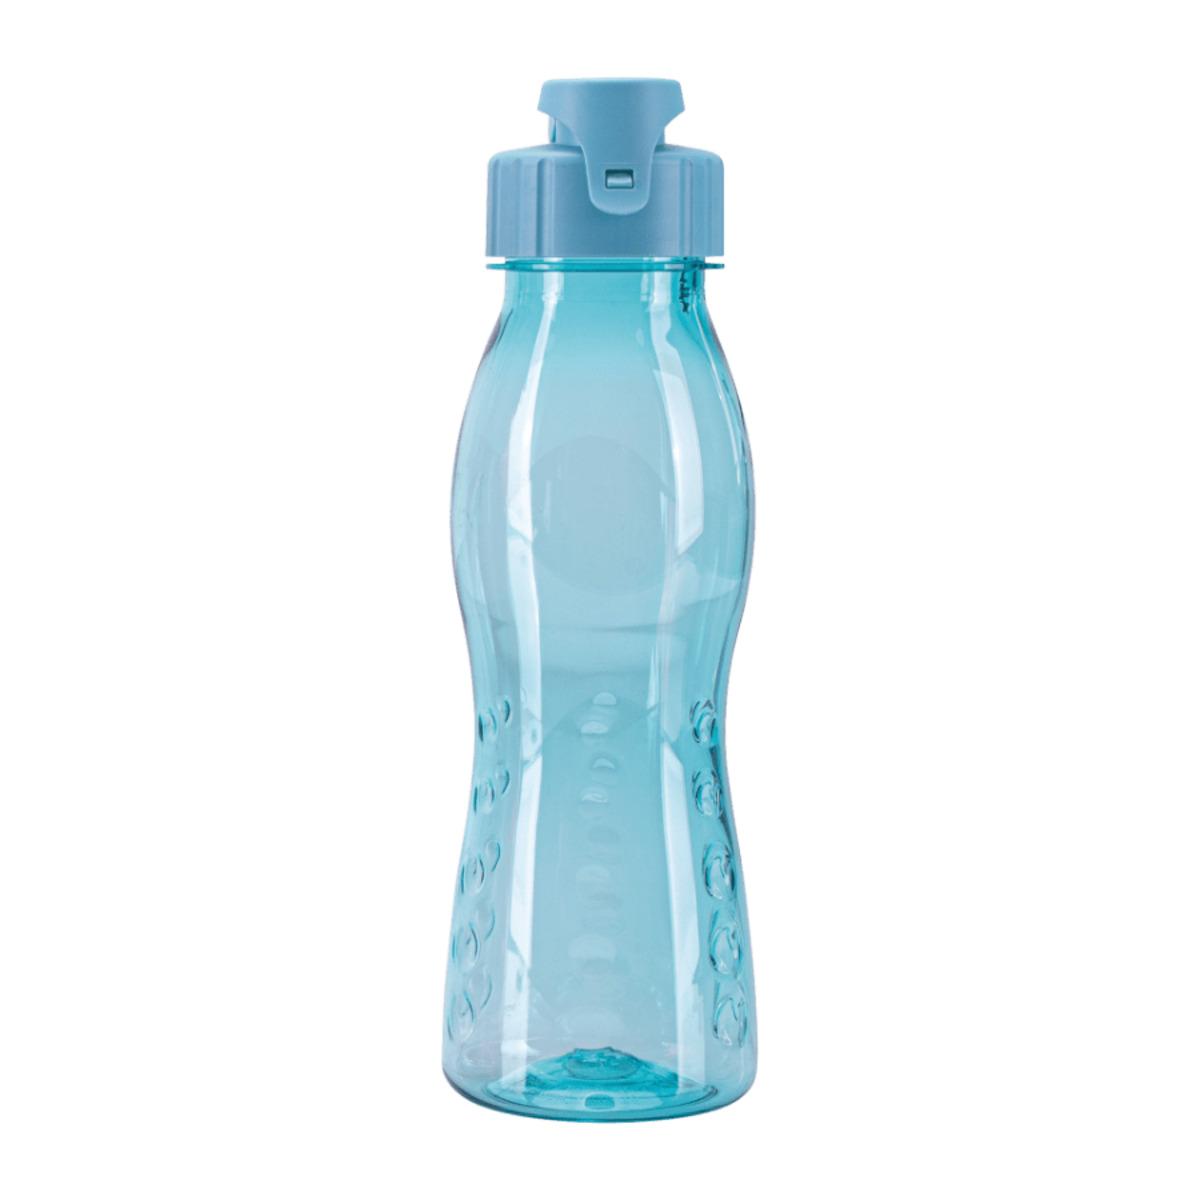 Bild 2 von HOME CREATION     Trinkflasche